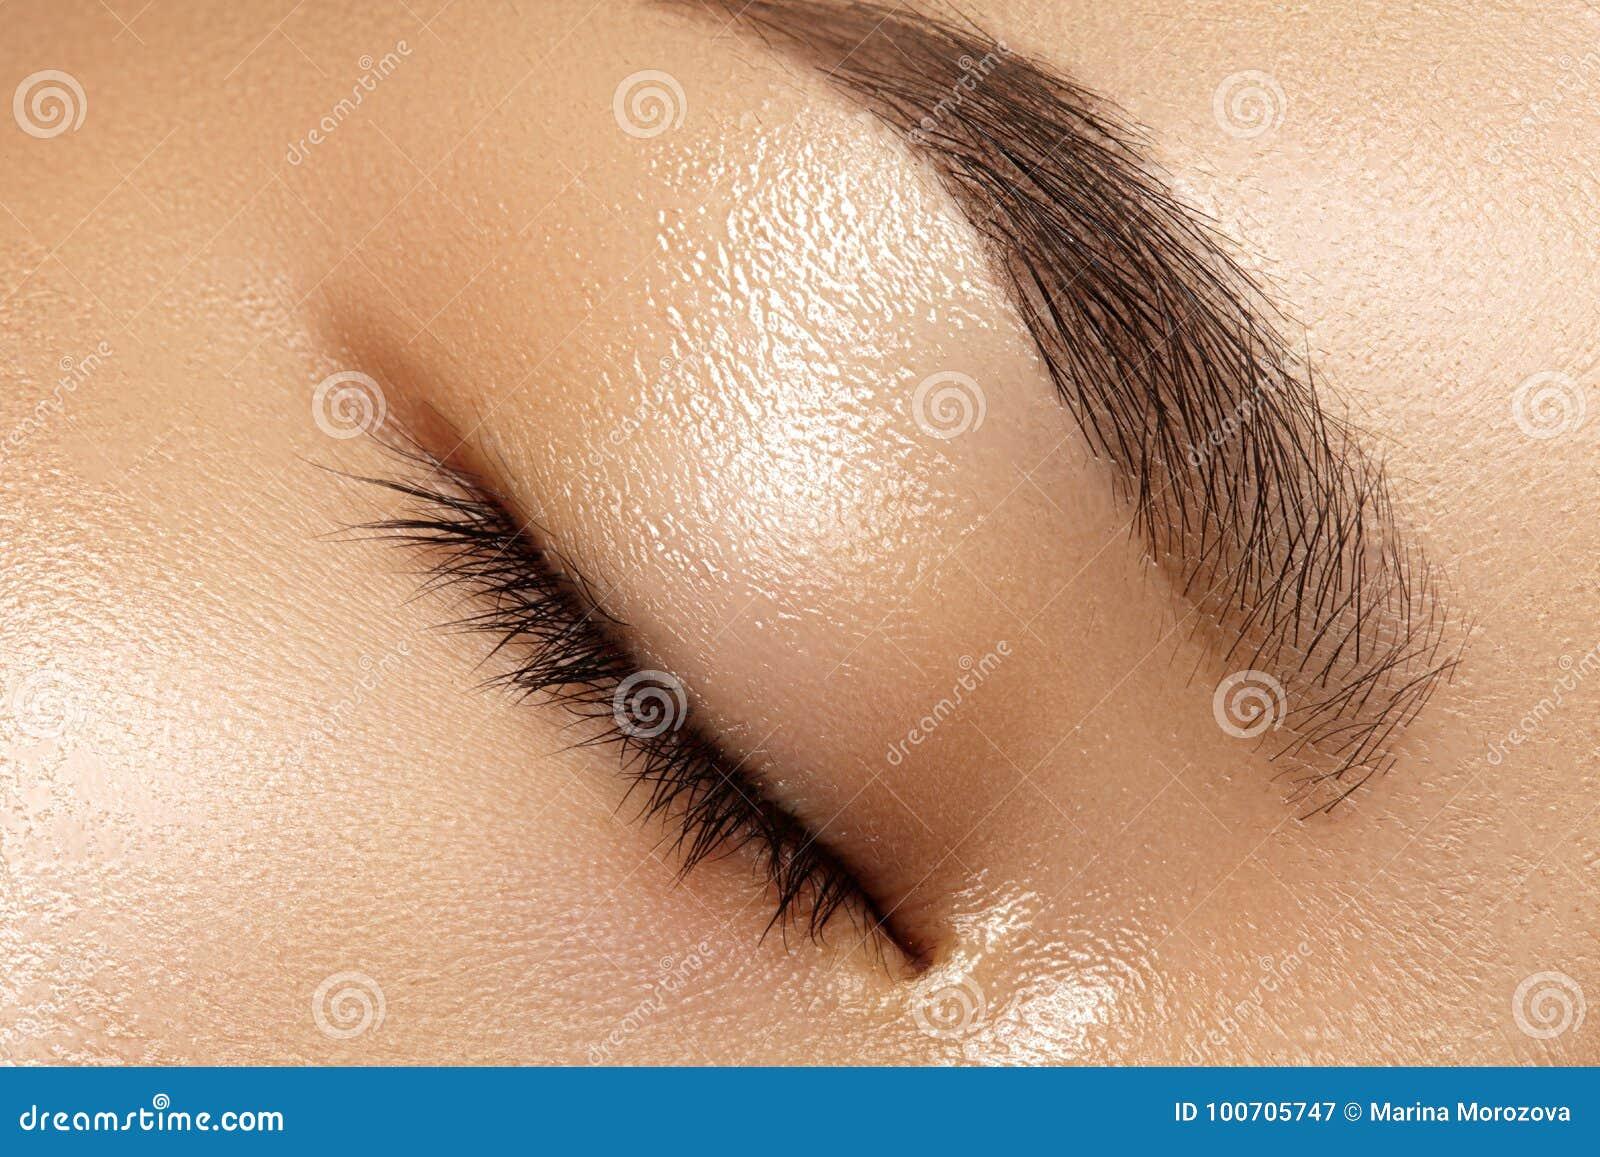 Schönes Makro des weiblichen Auges mit sauberem Make-up Perfekte Formaugenbrauen Kosmetik und Verfassung Sorgfalt über Augen